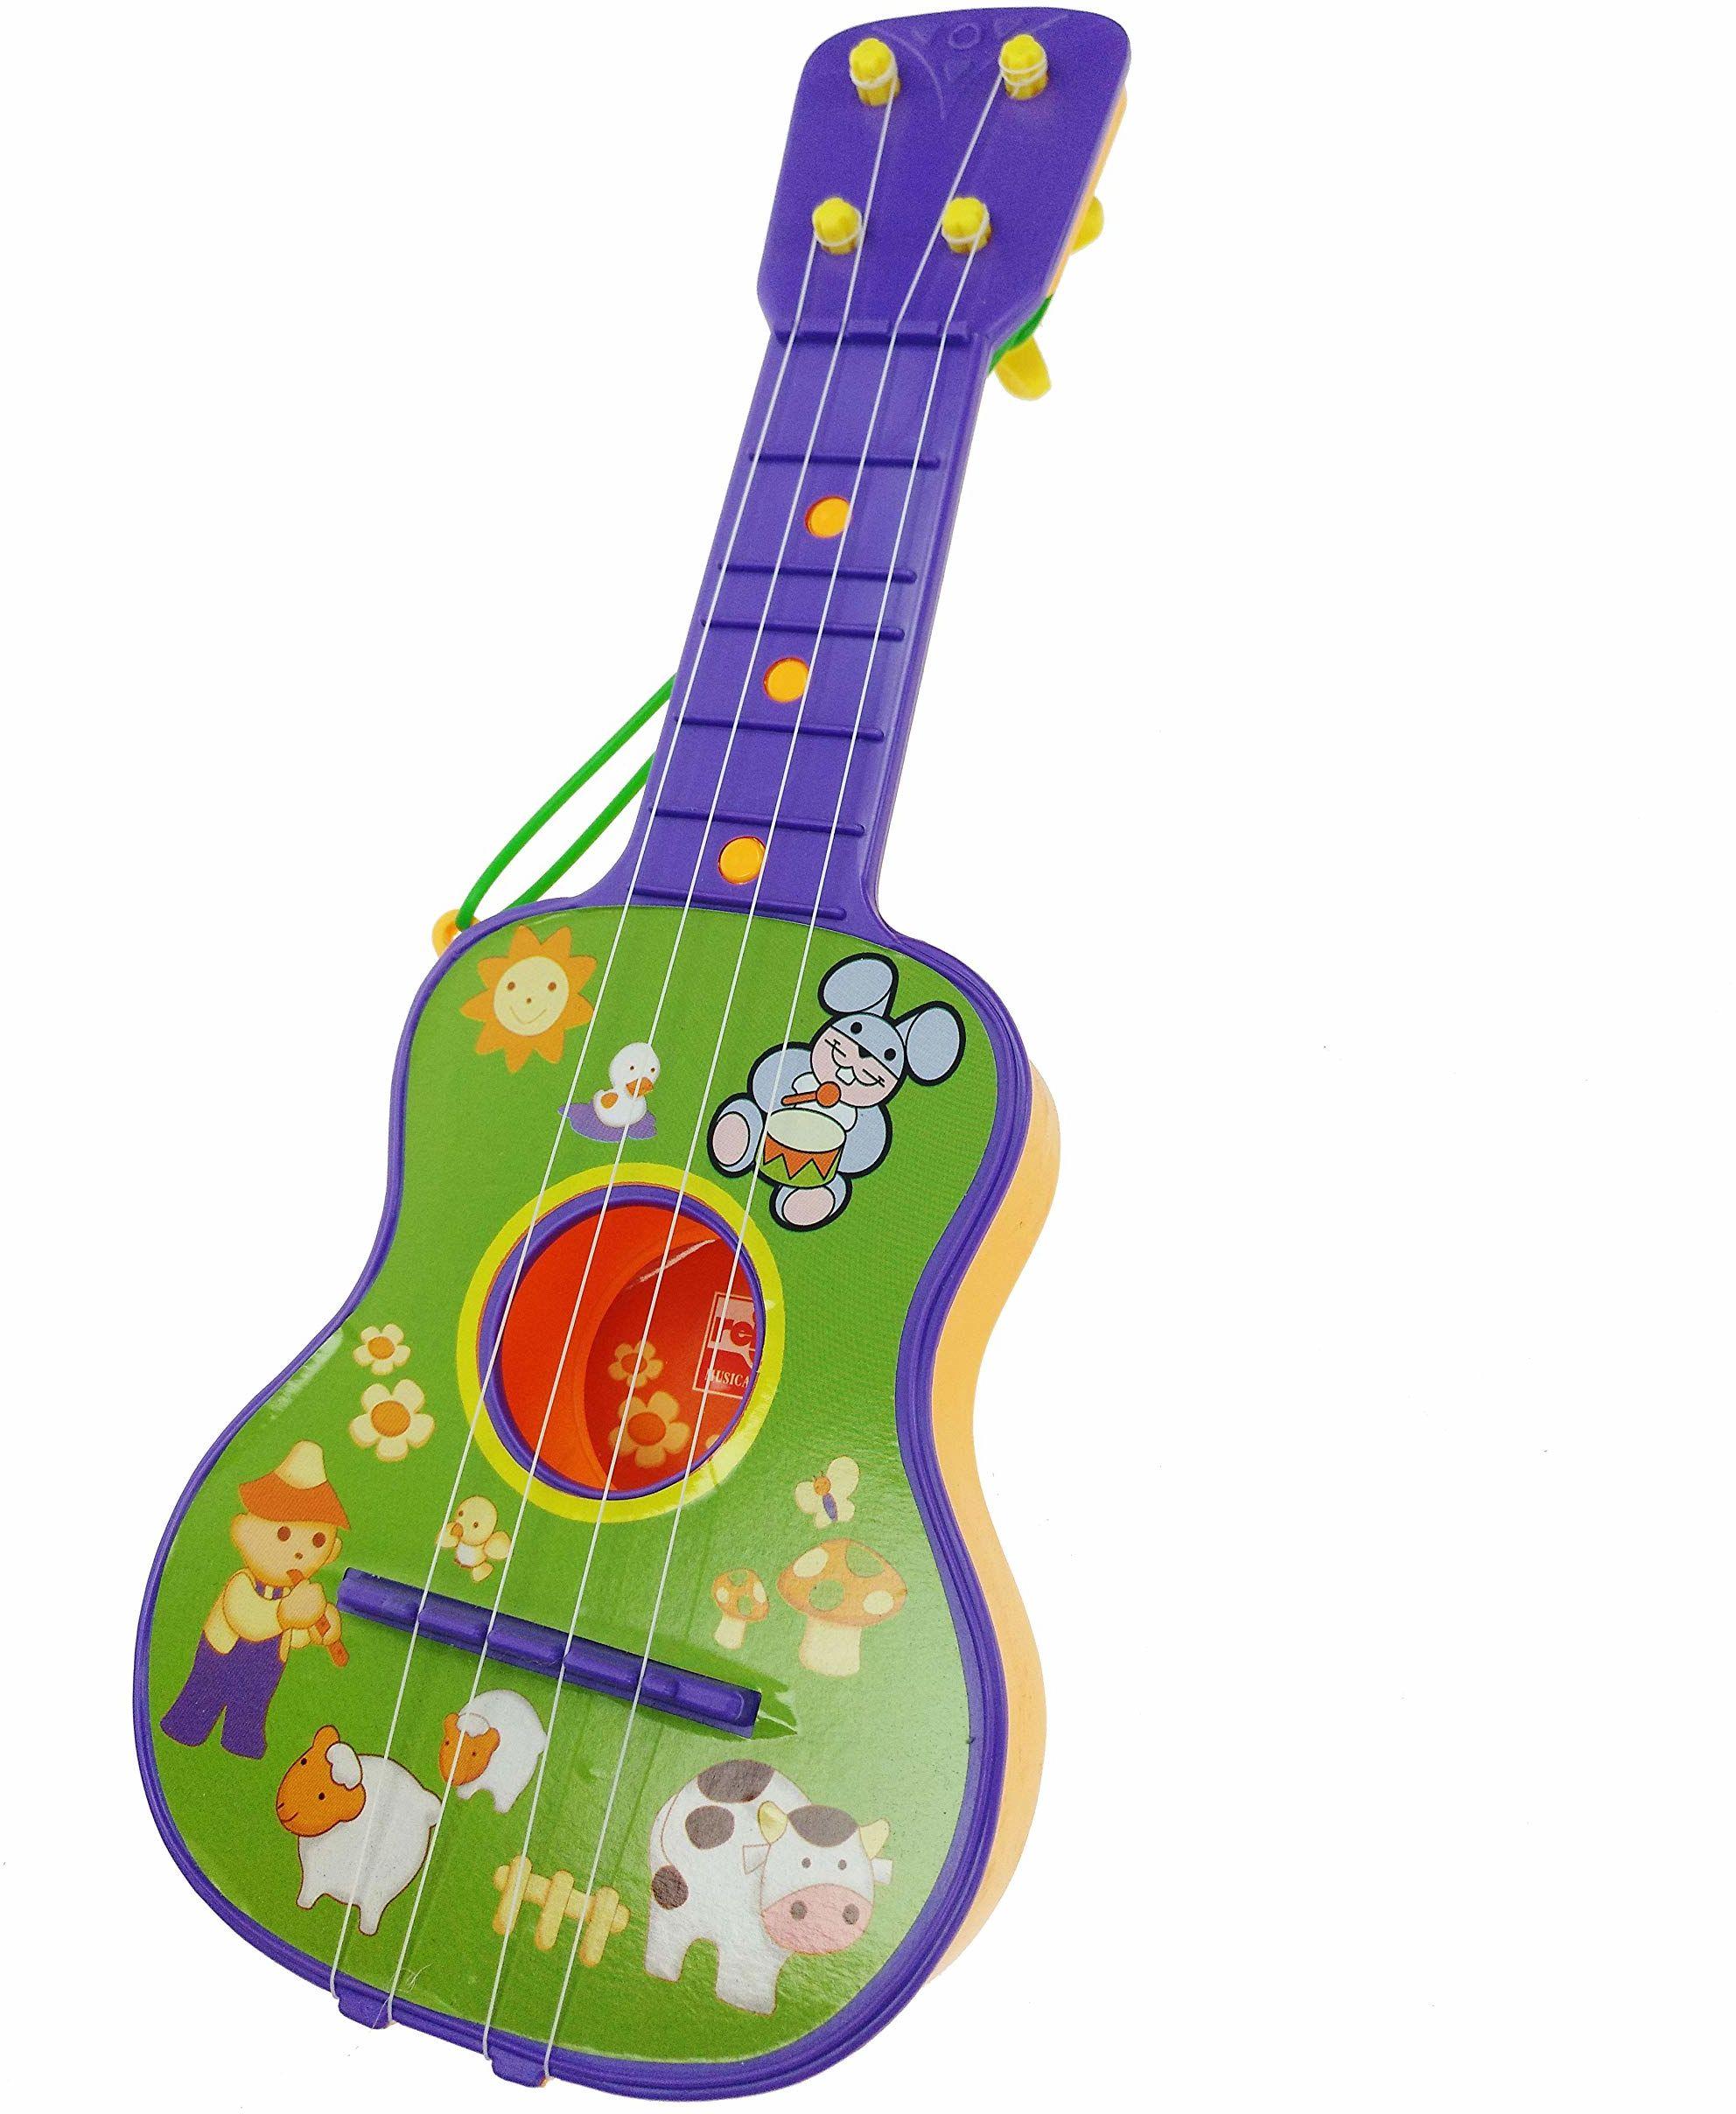 Reig Gitara z 4 strunami  kolory mogą się różnić